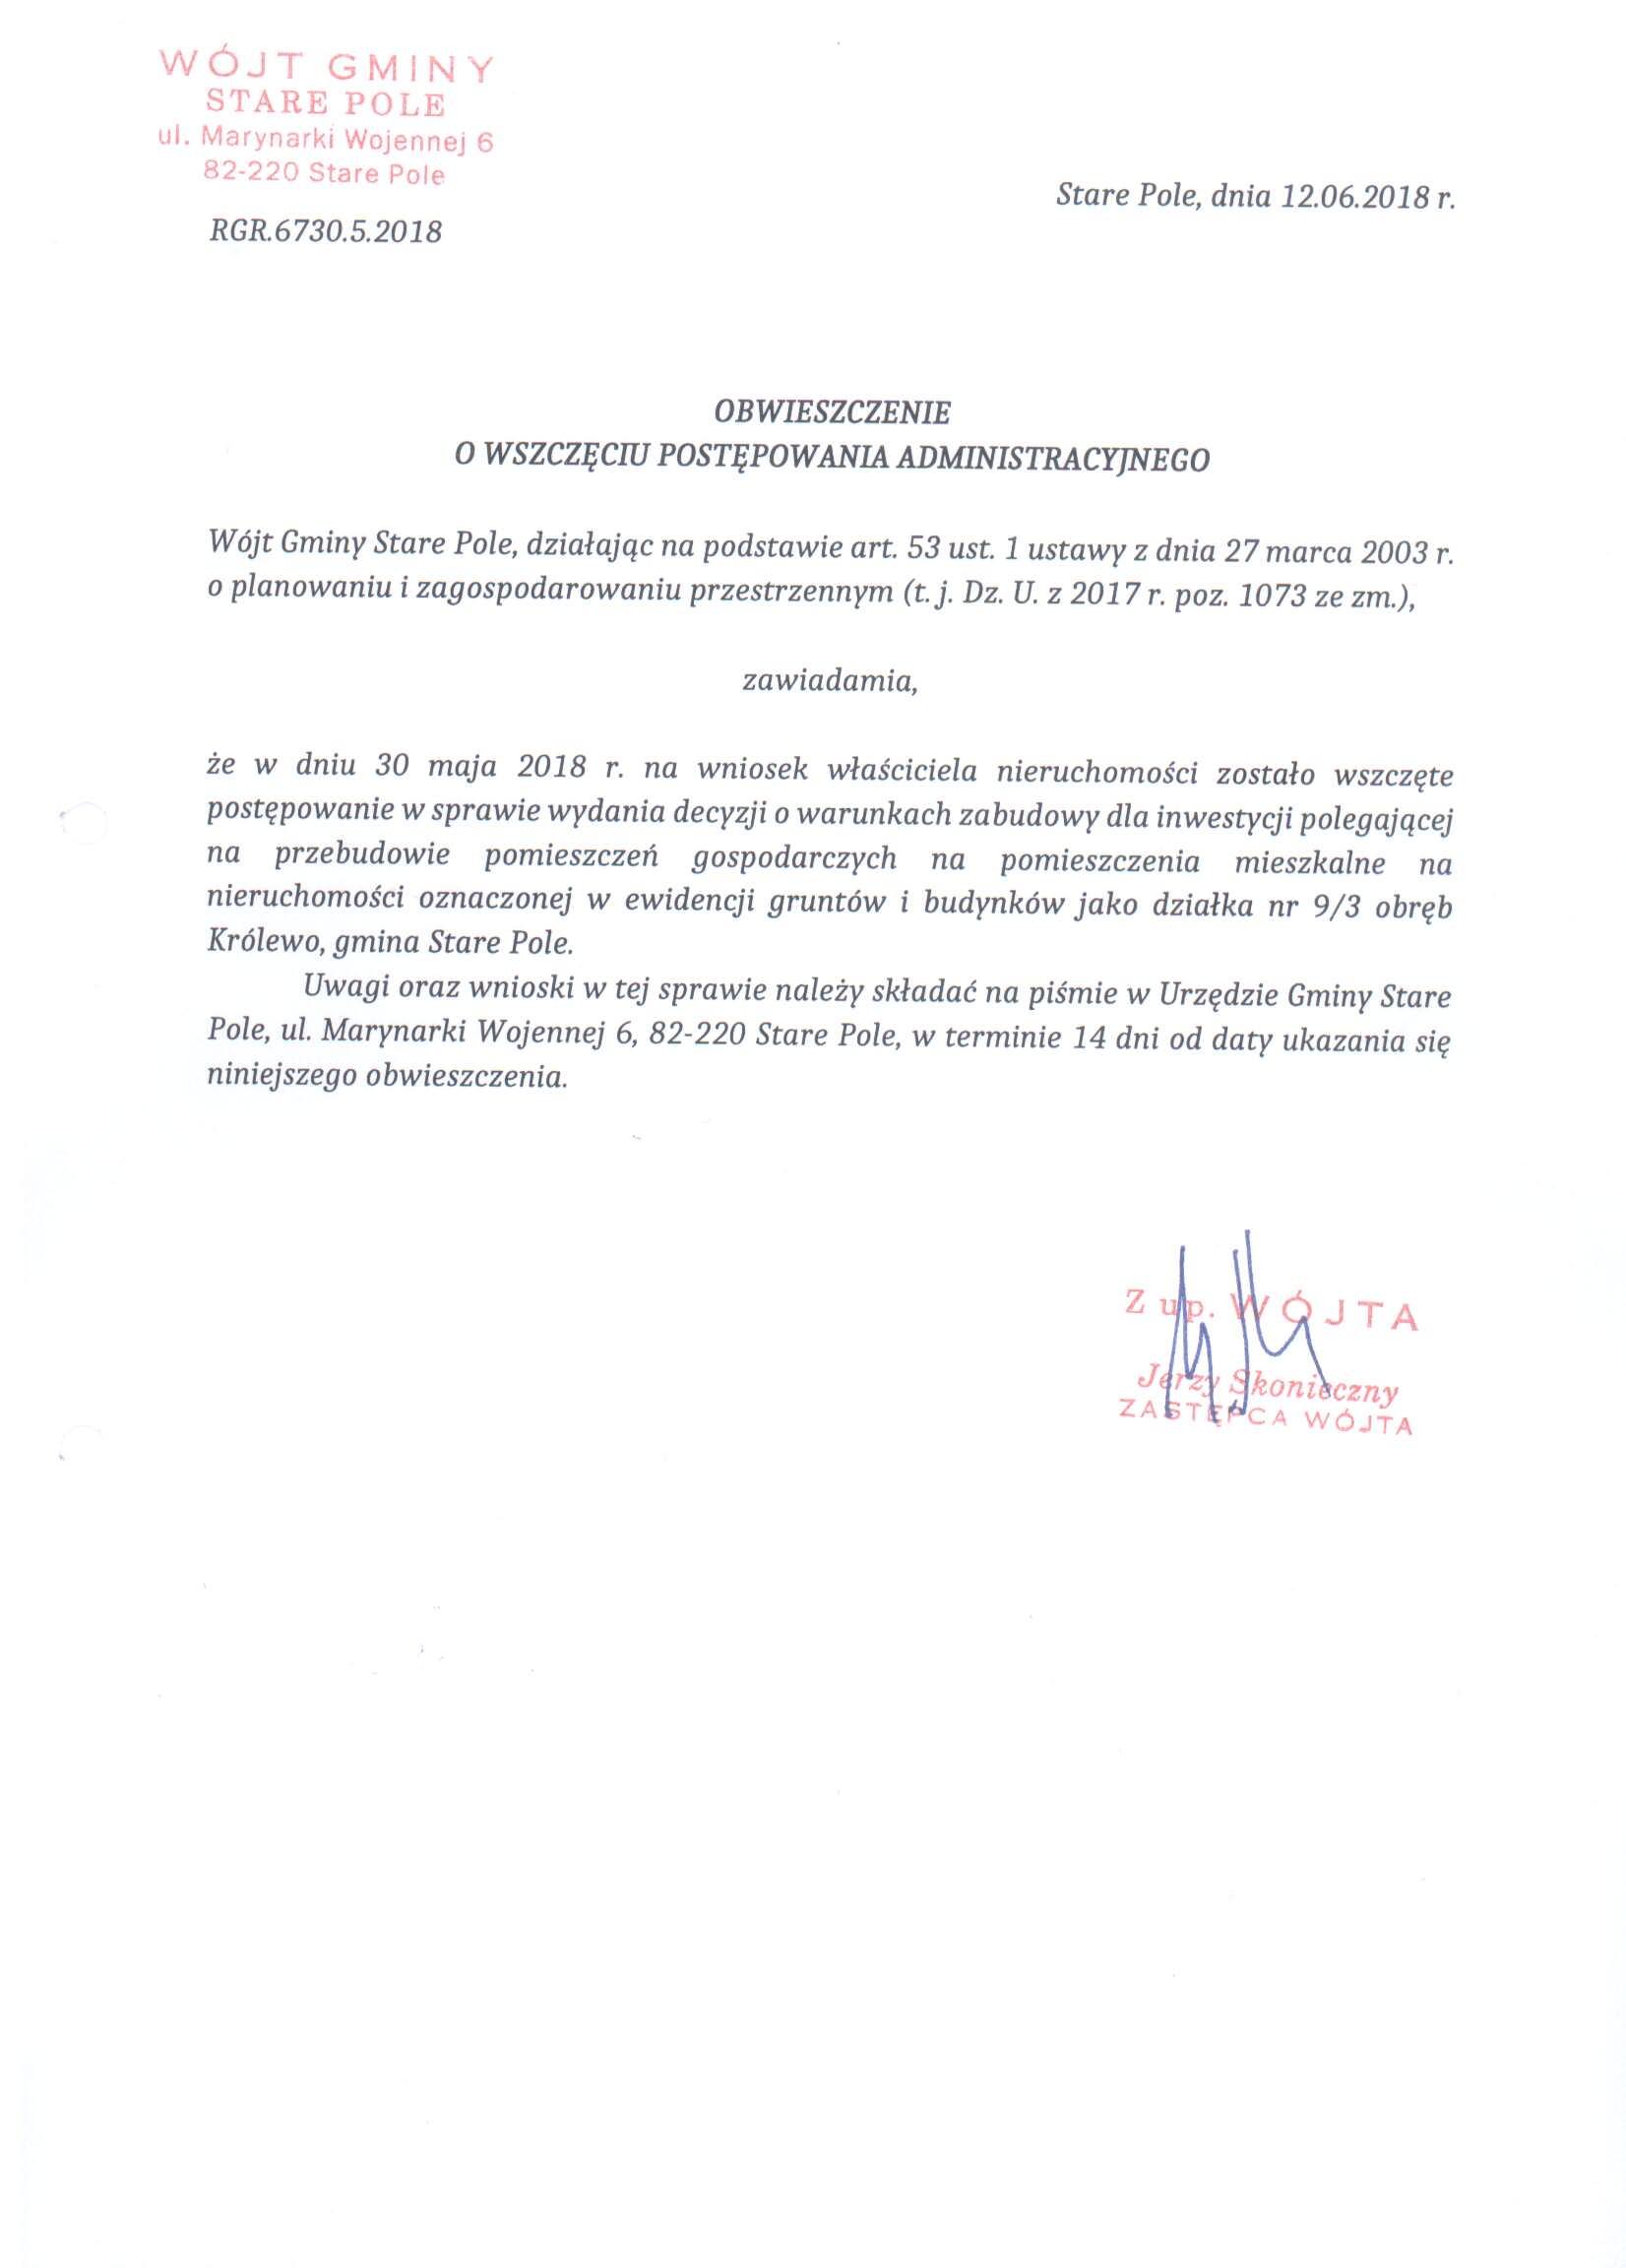 Obwieszczenie Wójta Gminy Stare Pole z dnia 12 czerwca 2018 r.